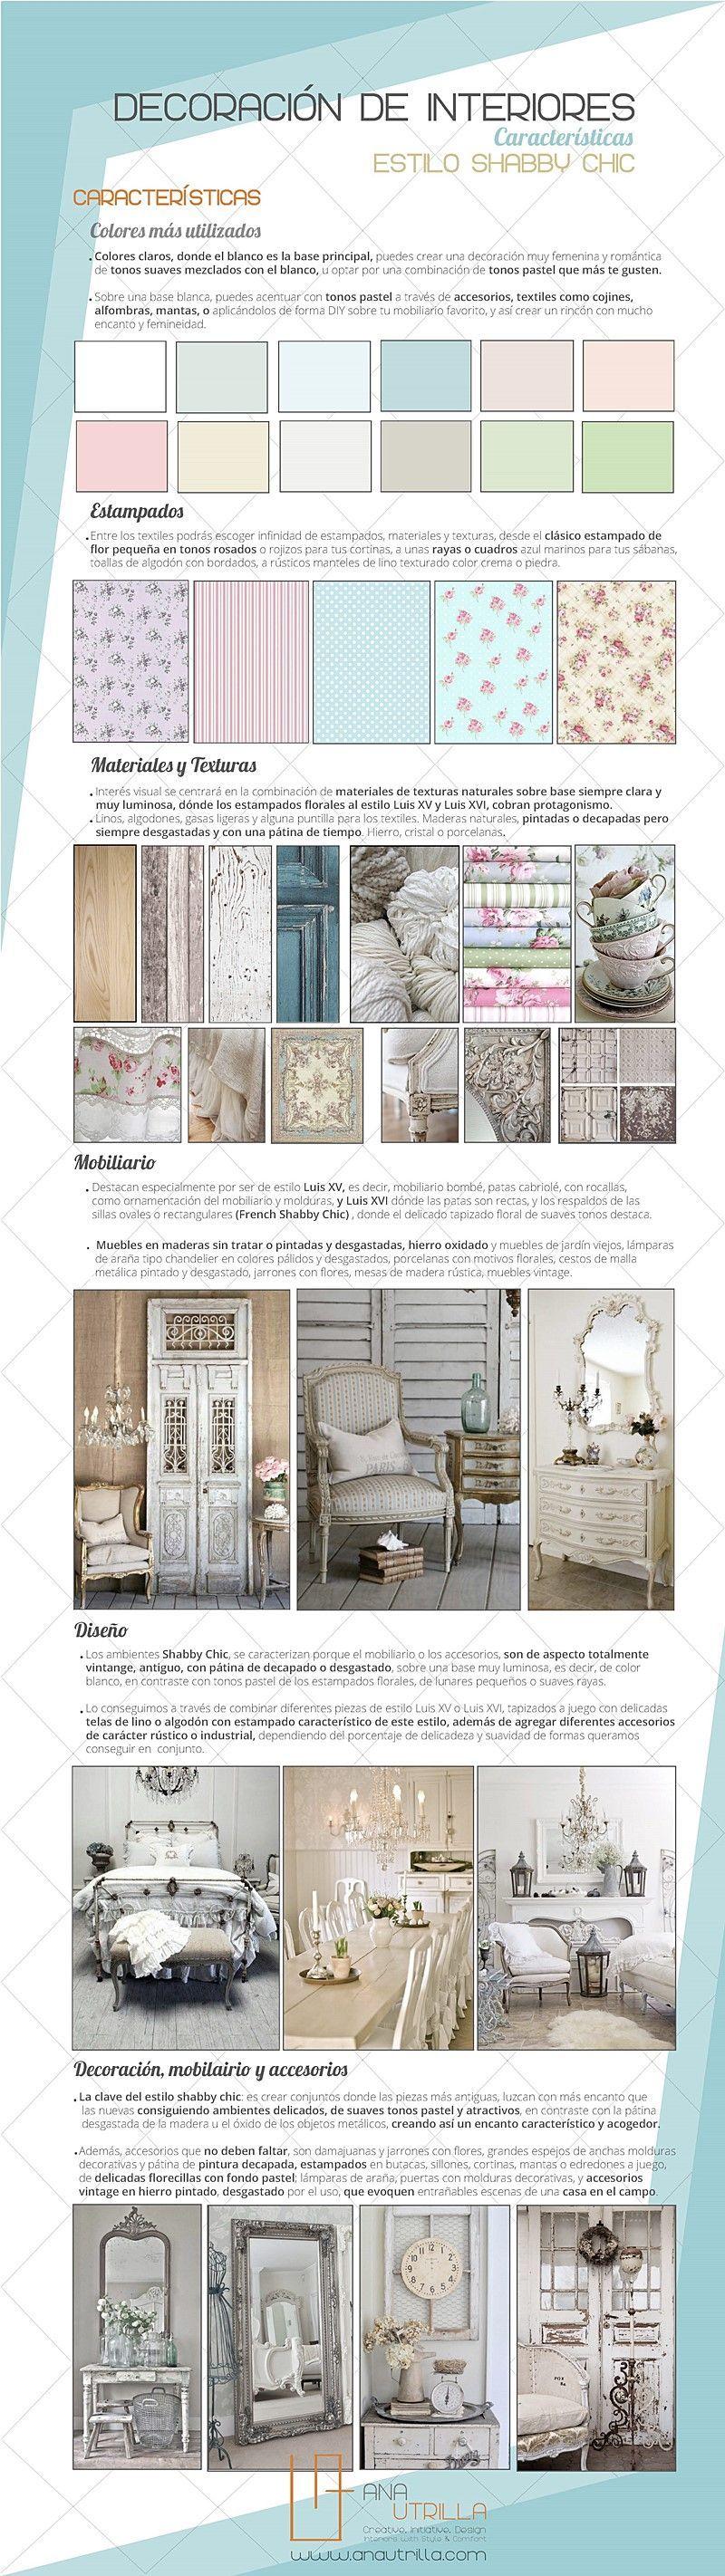 infografa estilo shabby chic en decoracin de interiores por ana utrilla